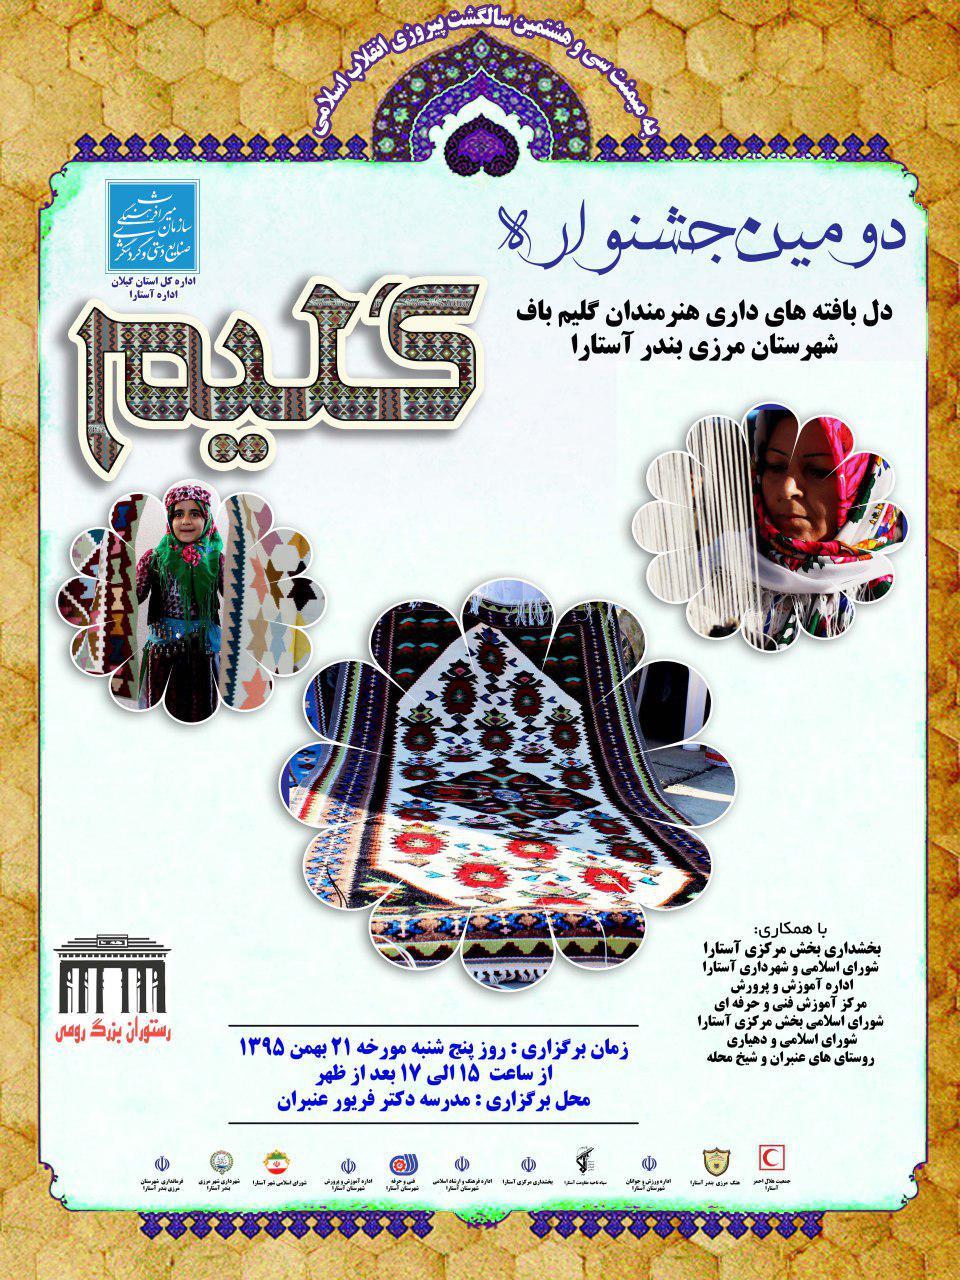 اطلاعیه برگزاری دومین جشنواره گلیم بافی روستای عنبران آستارا